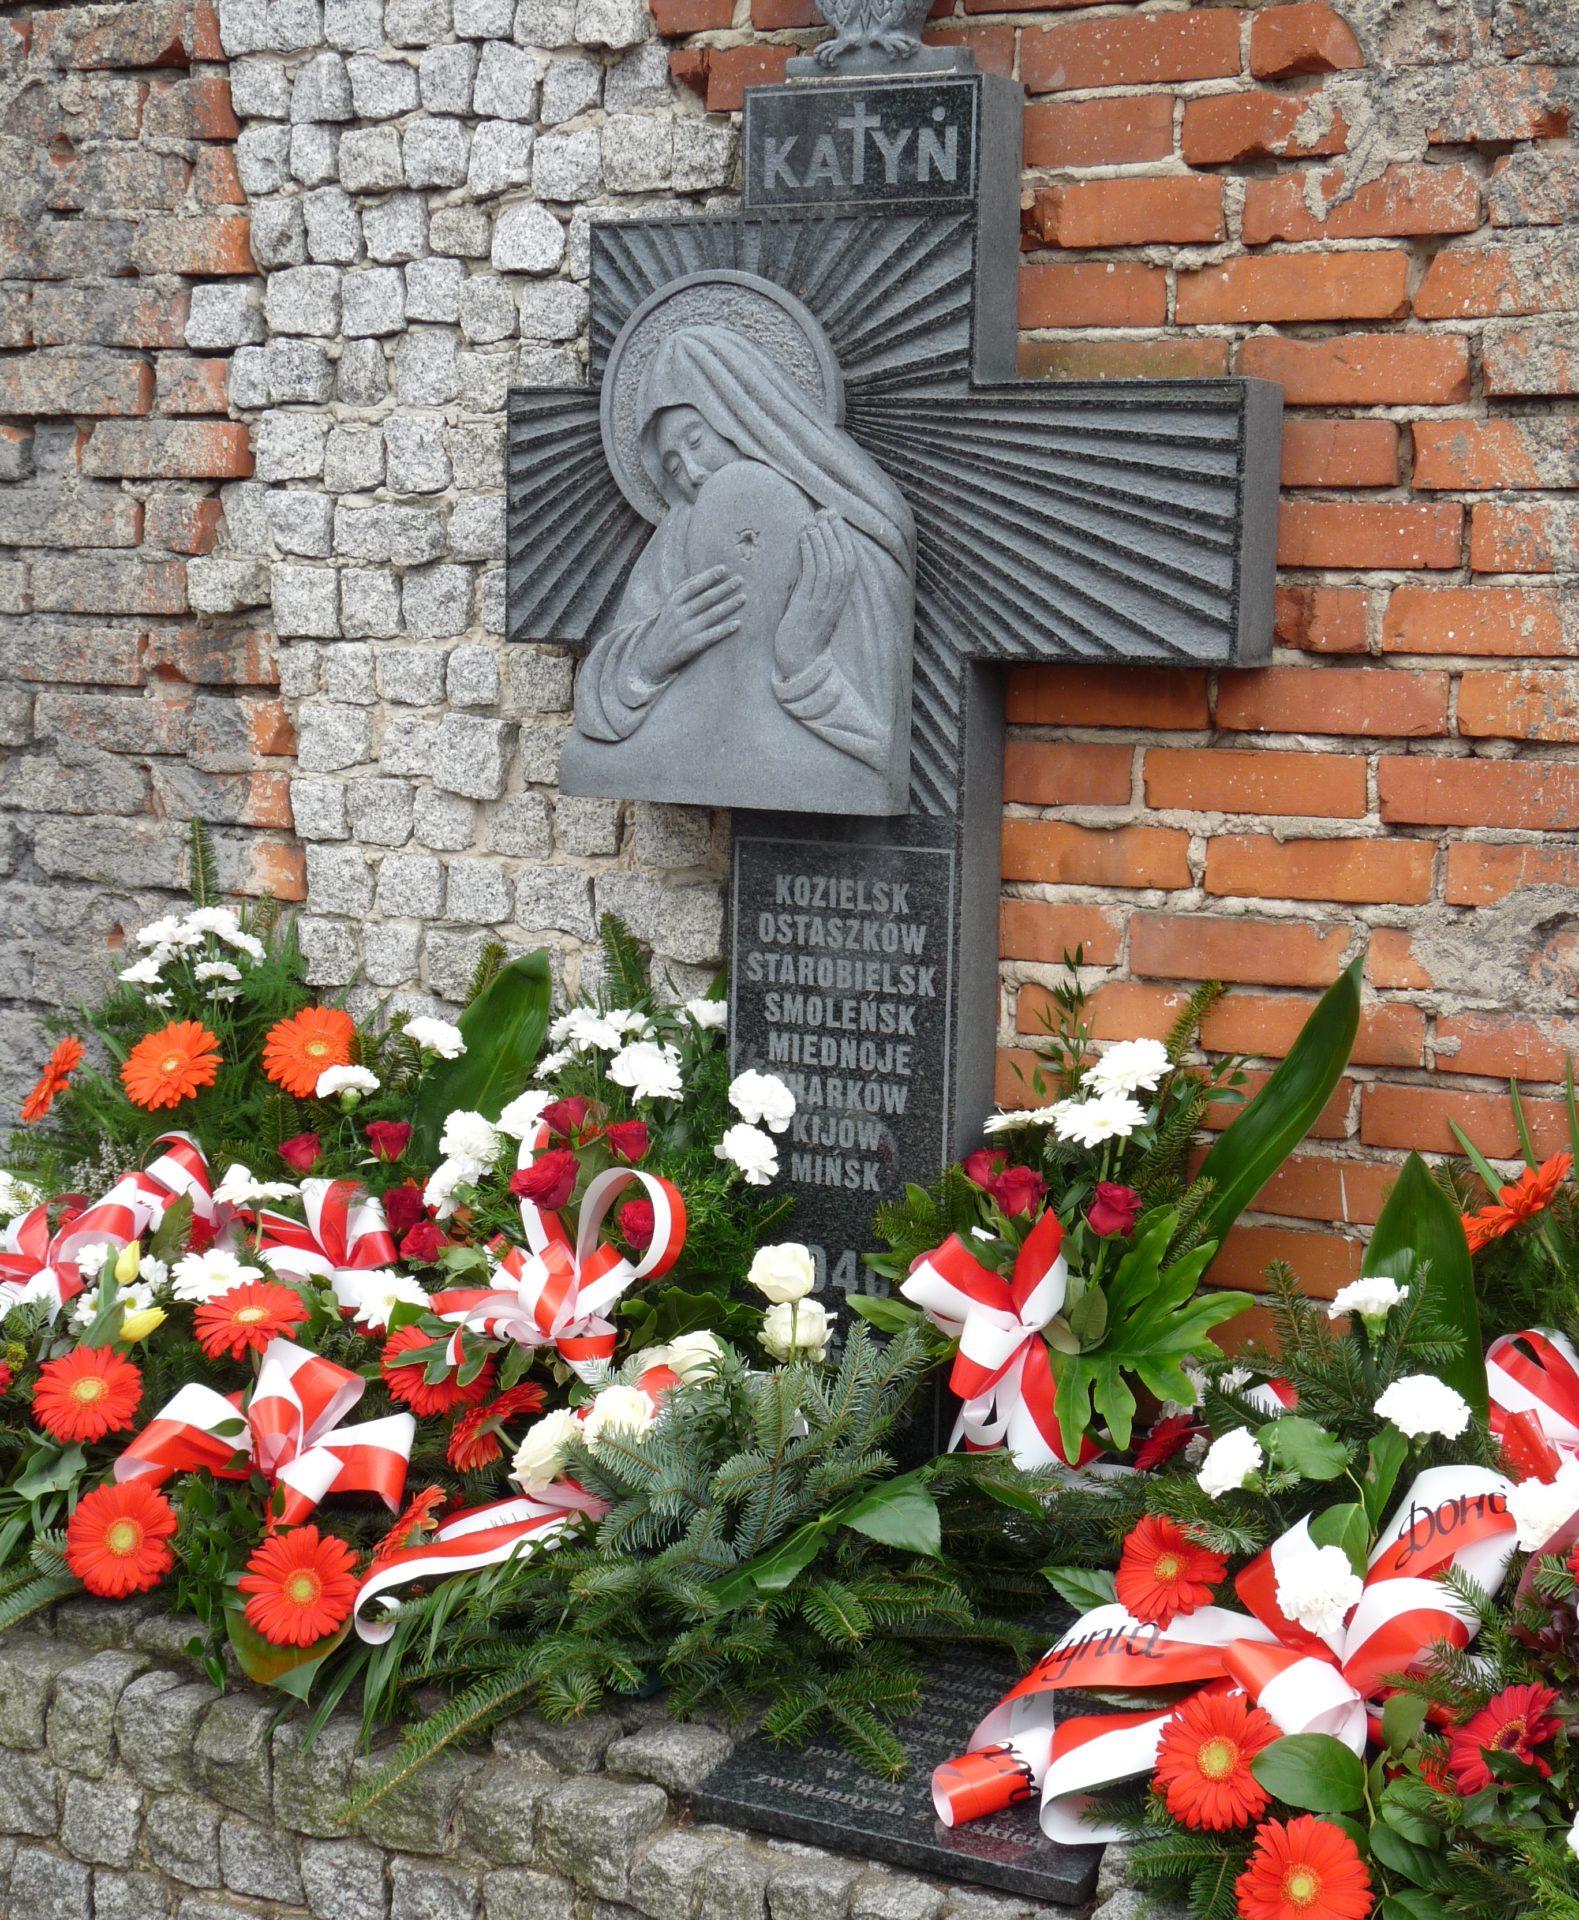 Obchody 72. rocznicy Zbrodni Katyńskiej